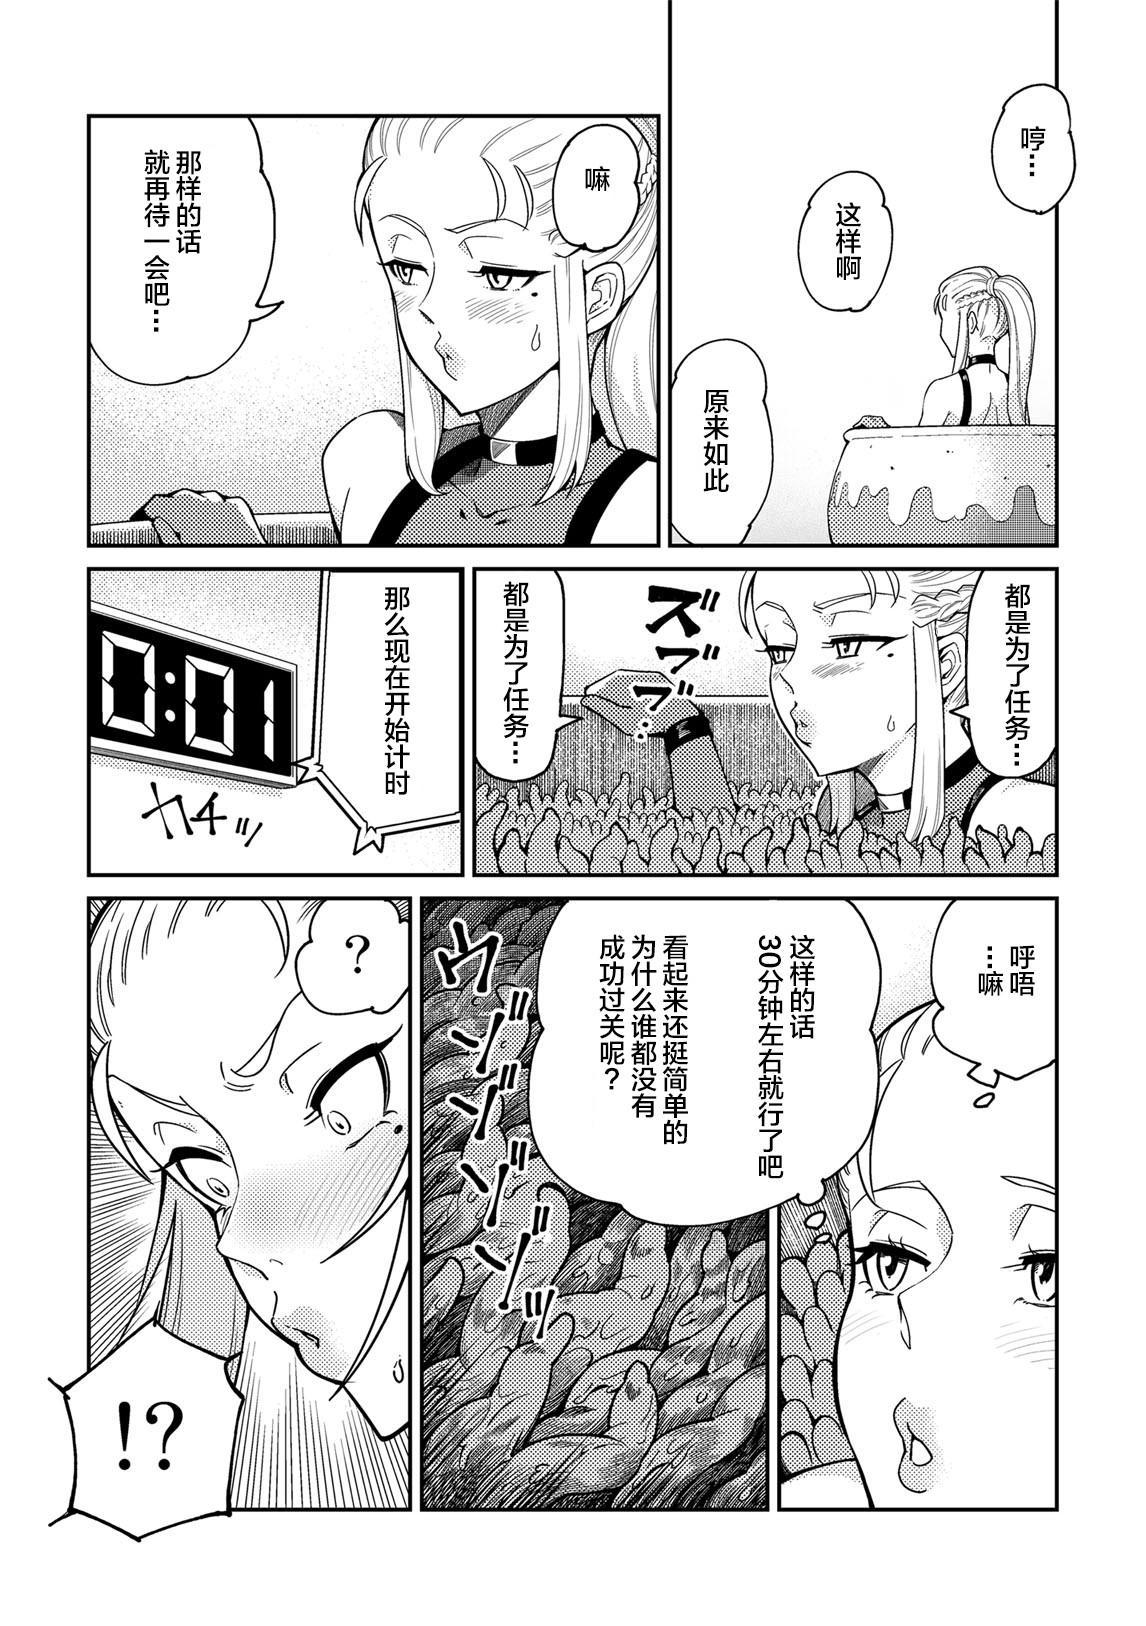 Sennyuu Seyo! Shokushu Kenkyuujo 8